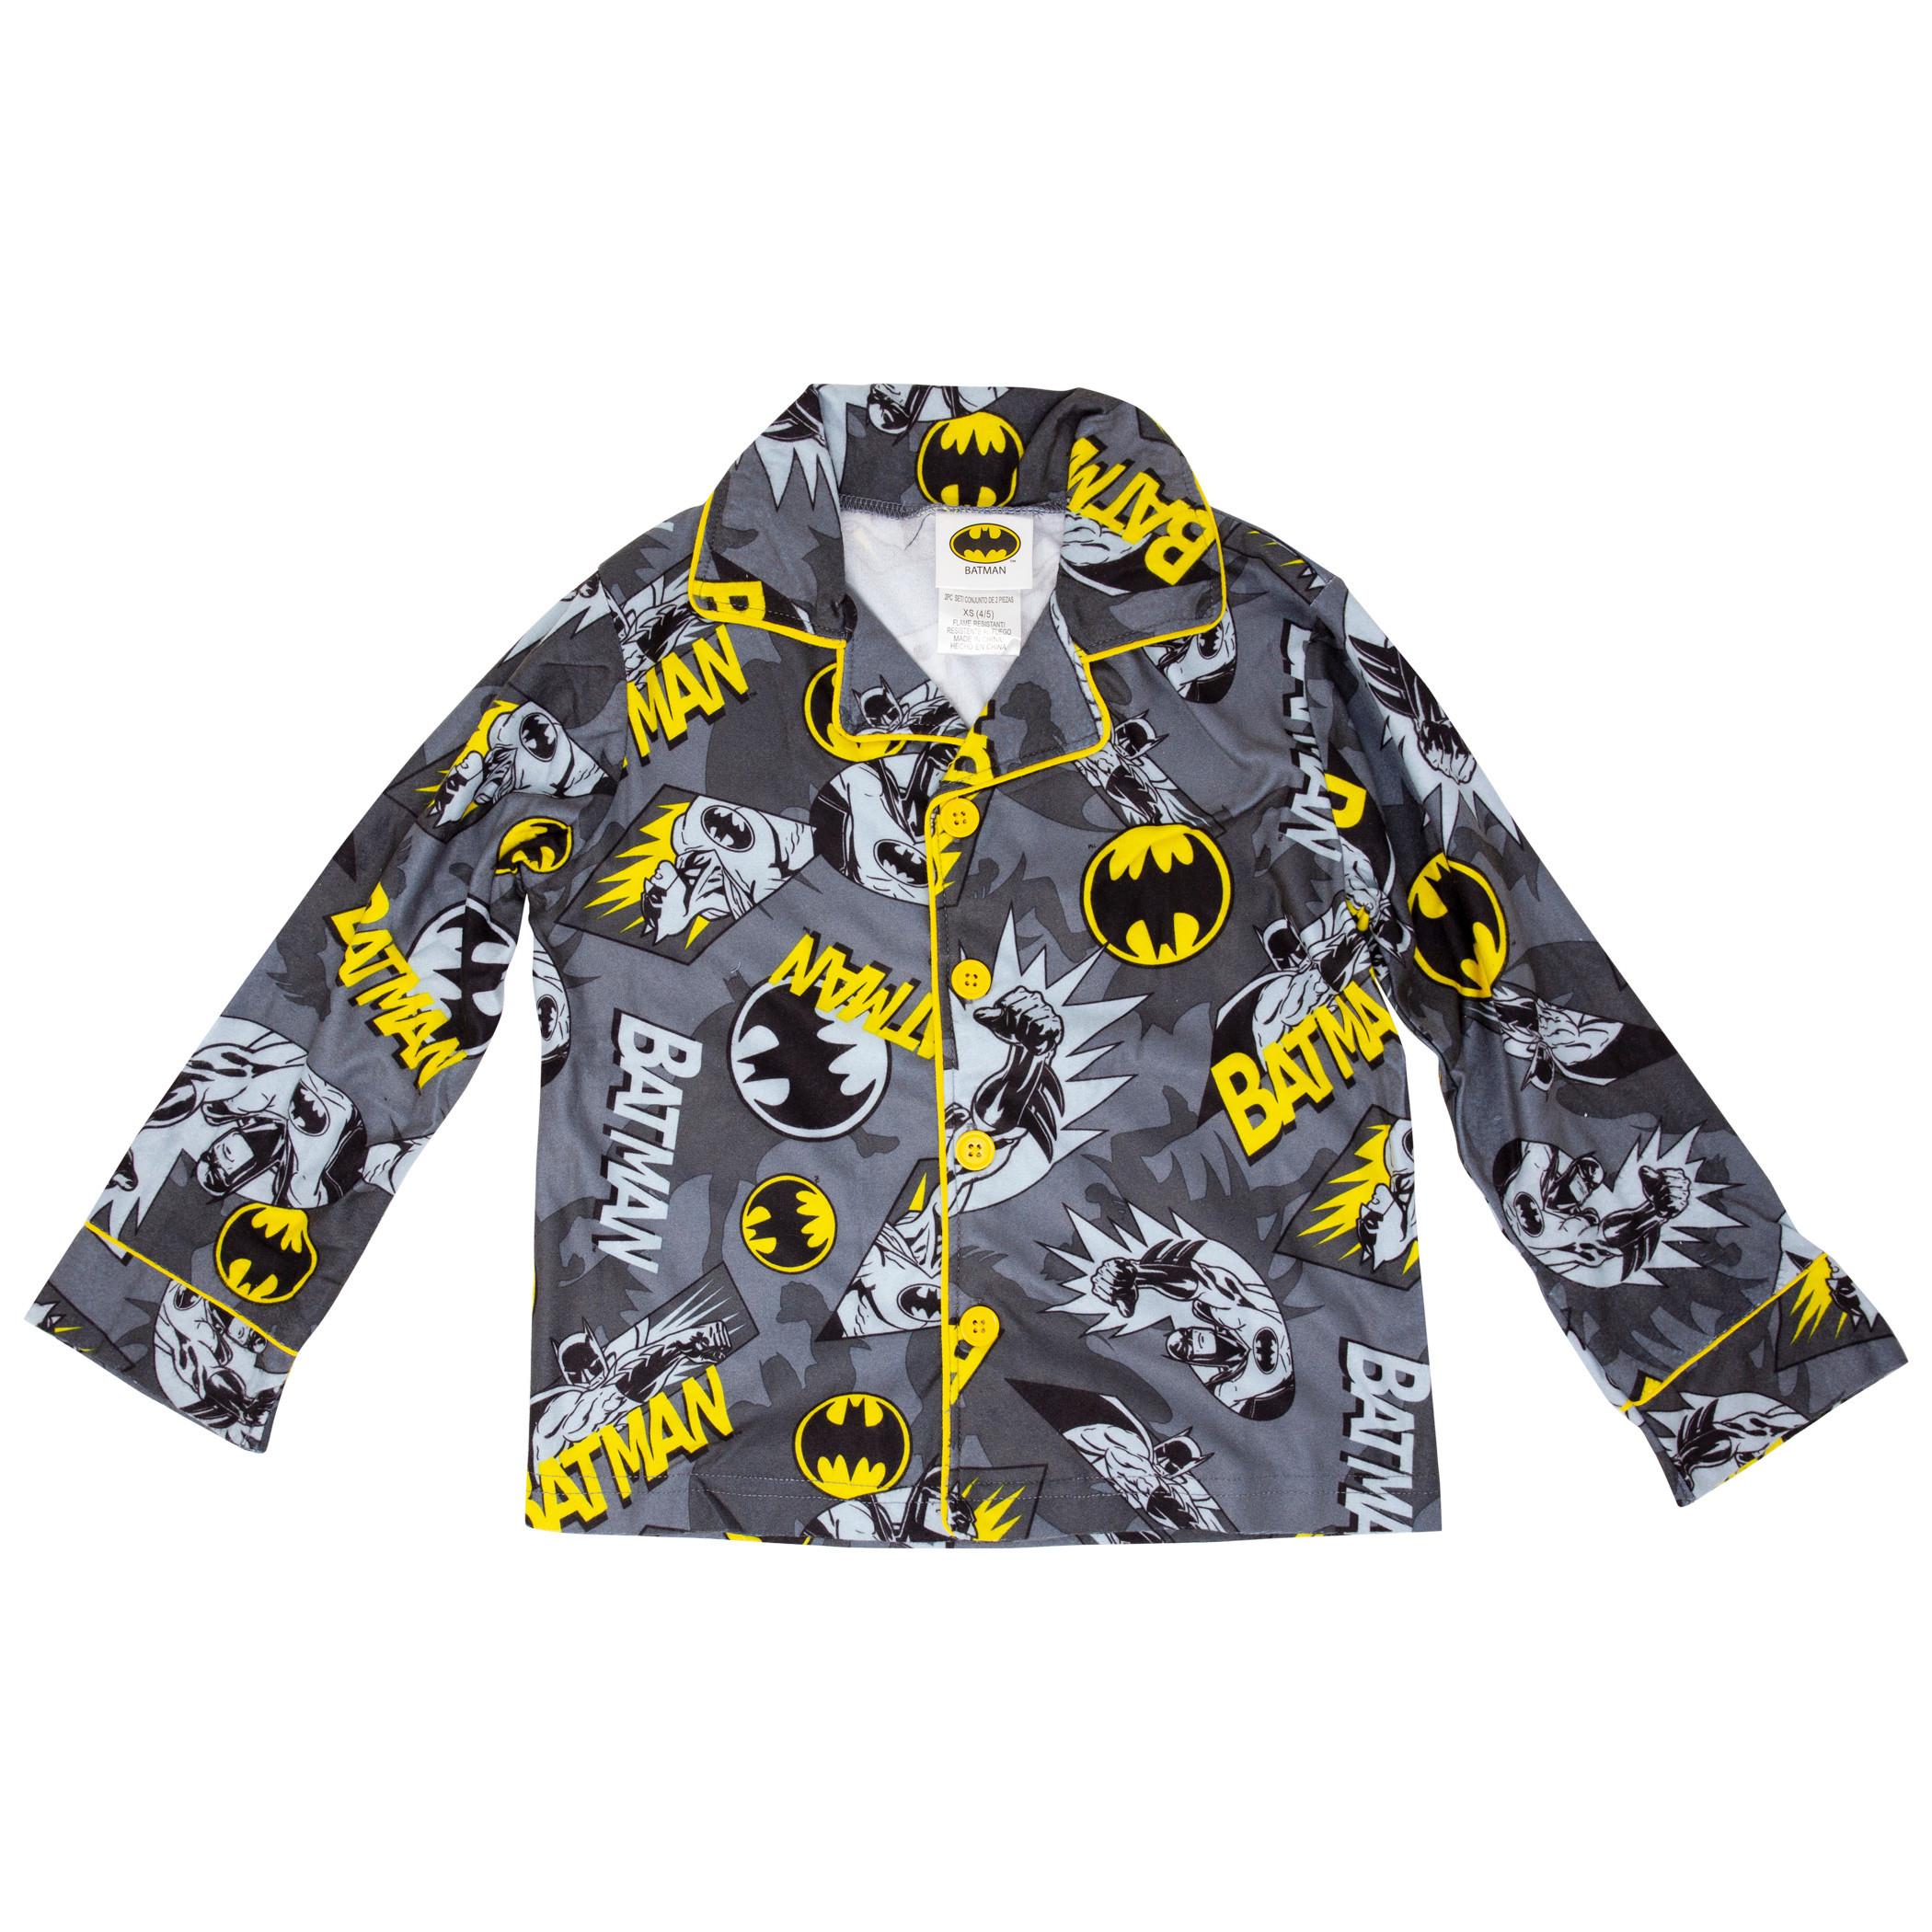 Batman All Over Print Kids Pajama Set